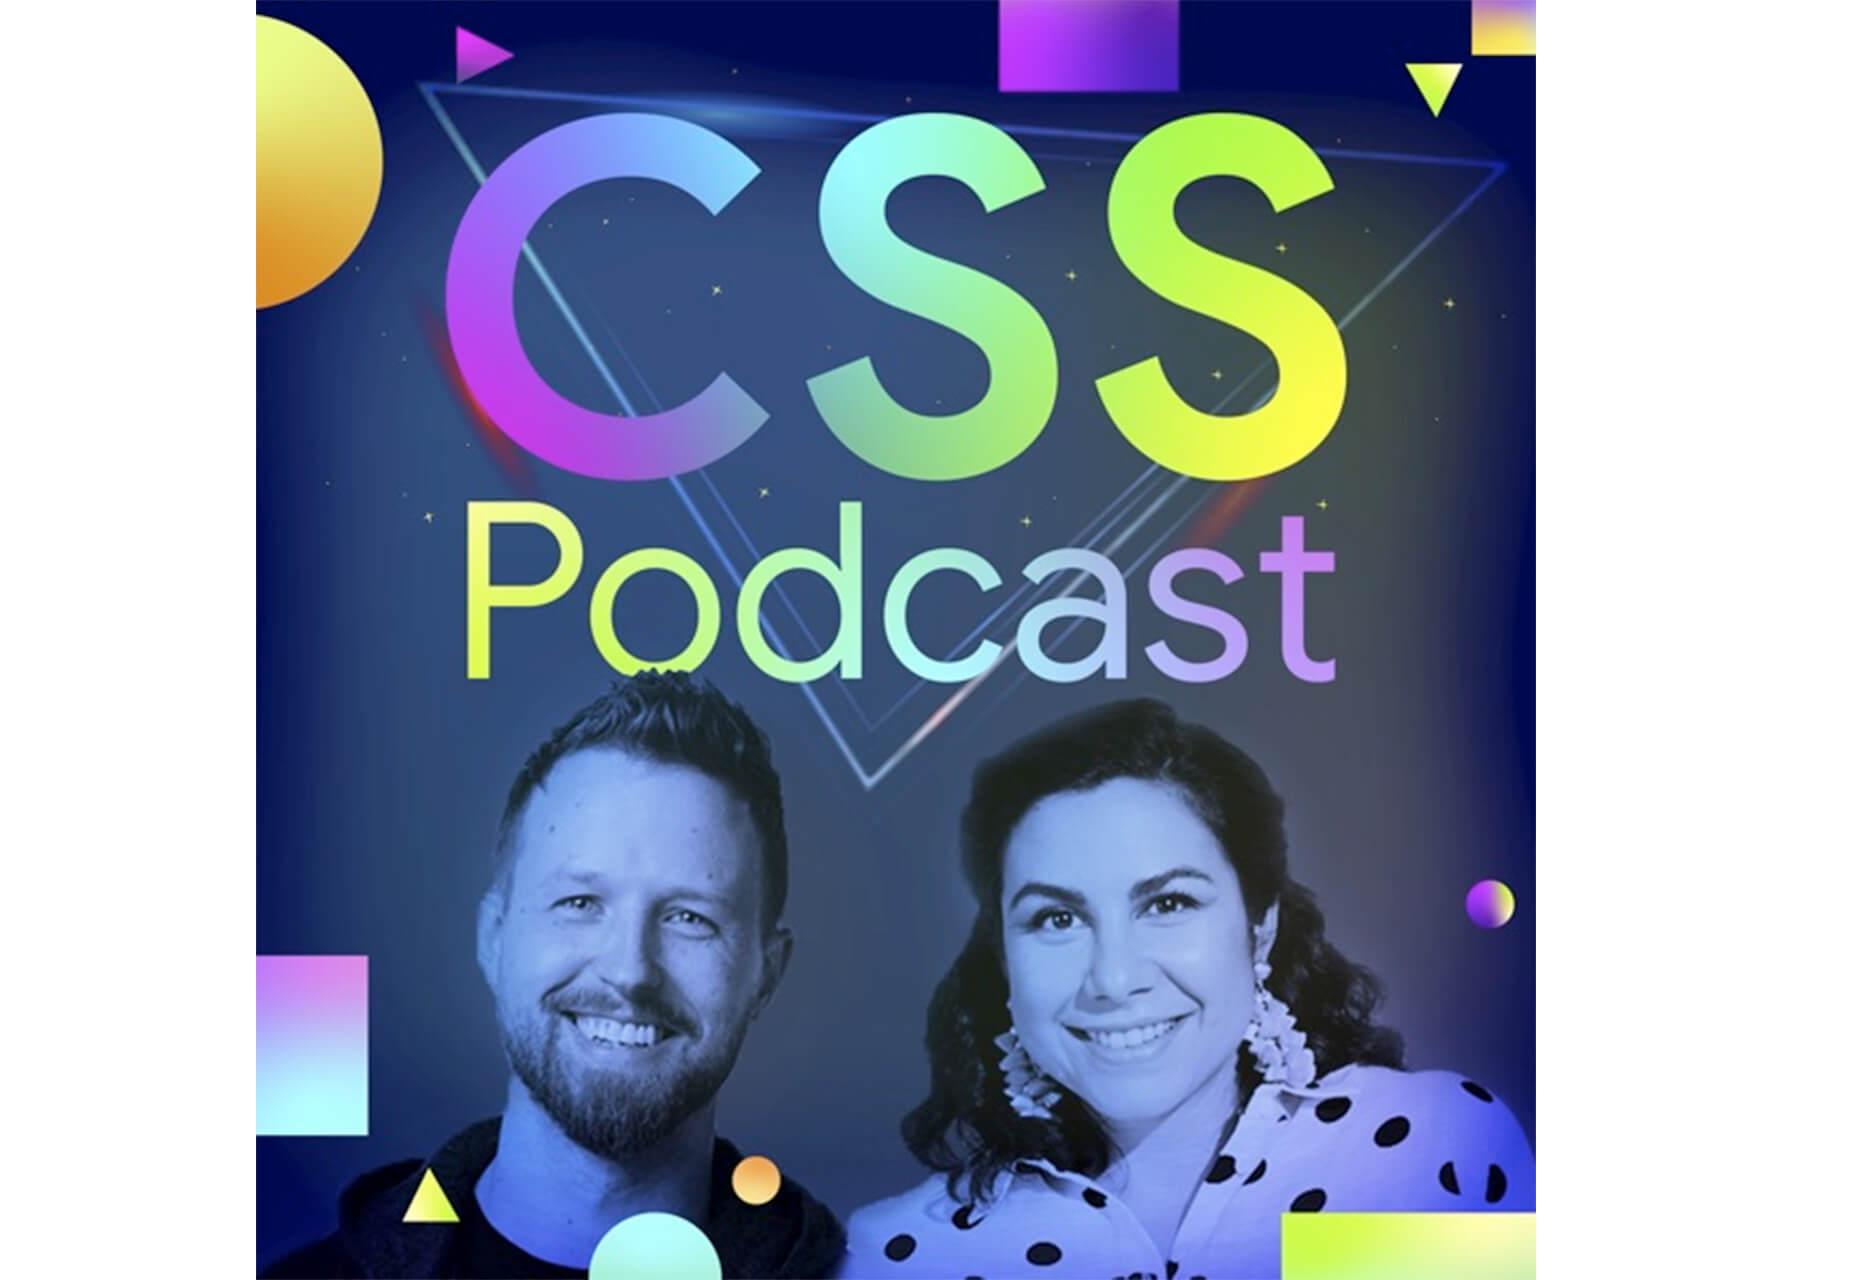 csspodcast